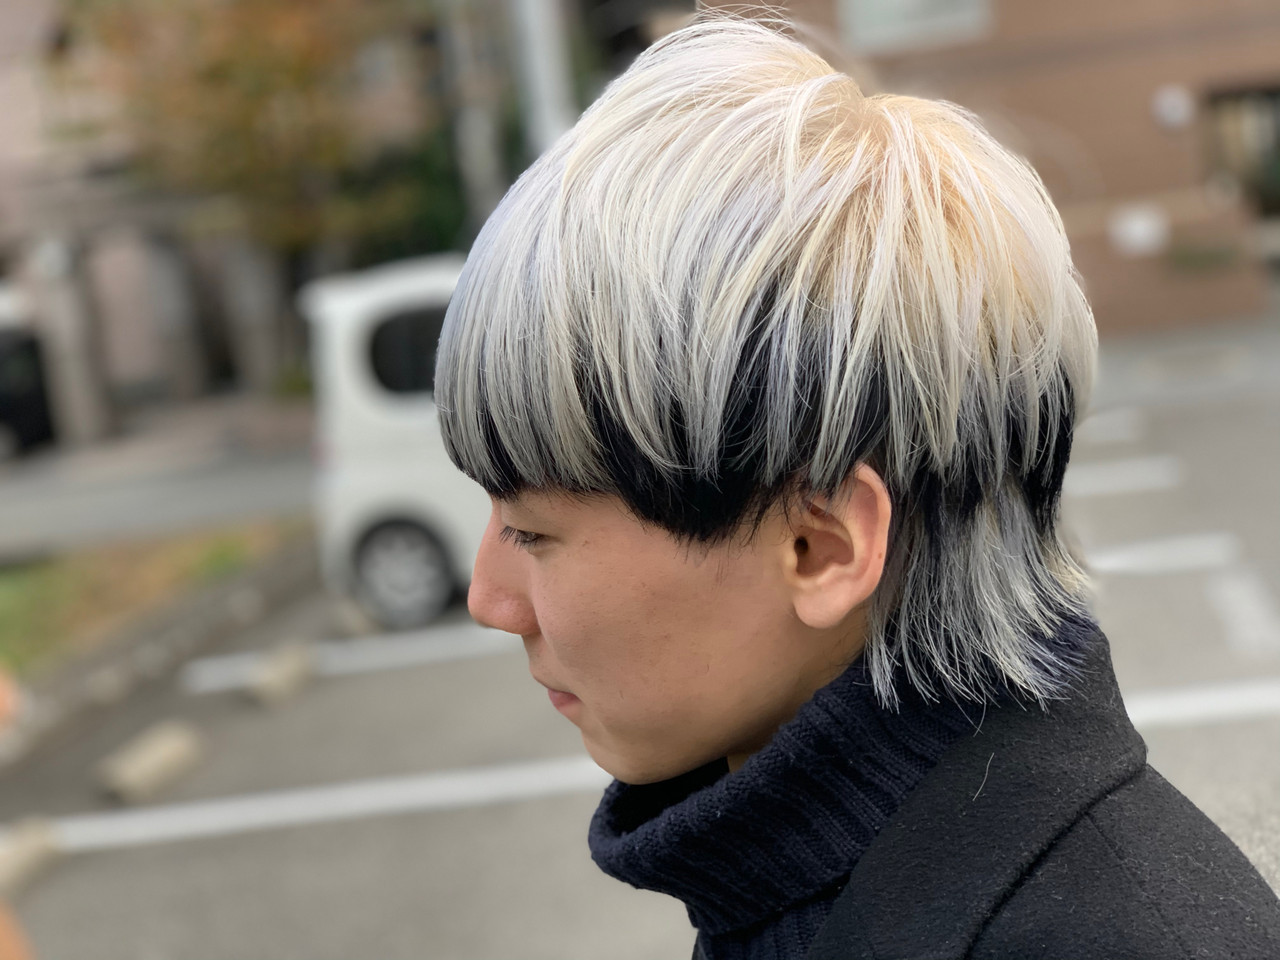 ショート デザインカラー ブリーチカラー ホワイト ヘアスタイルや髪型の写真・画像